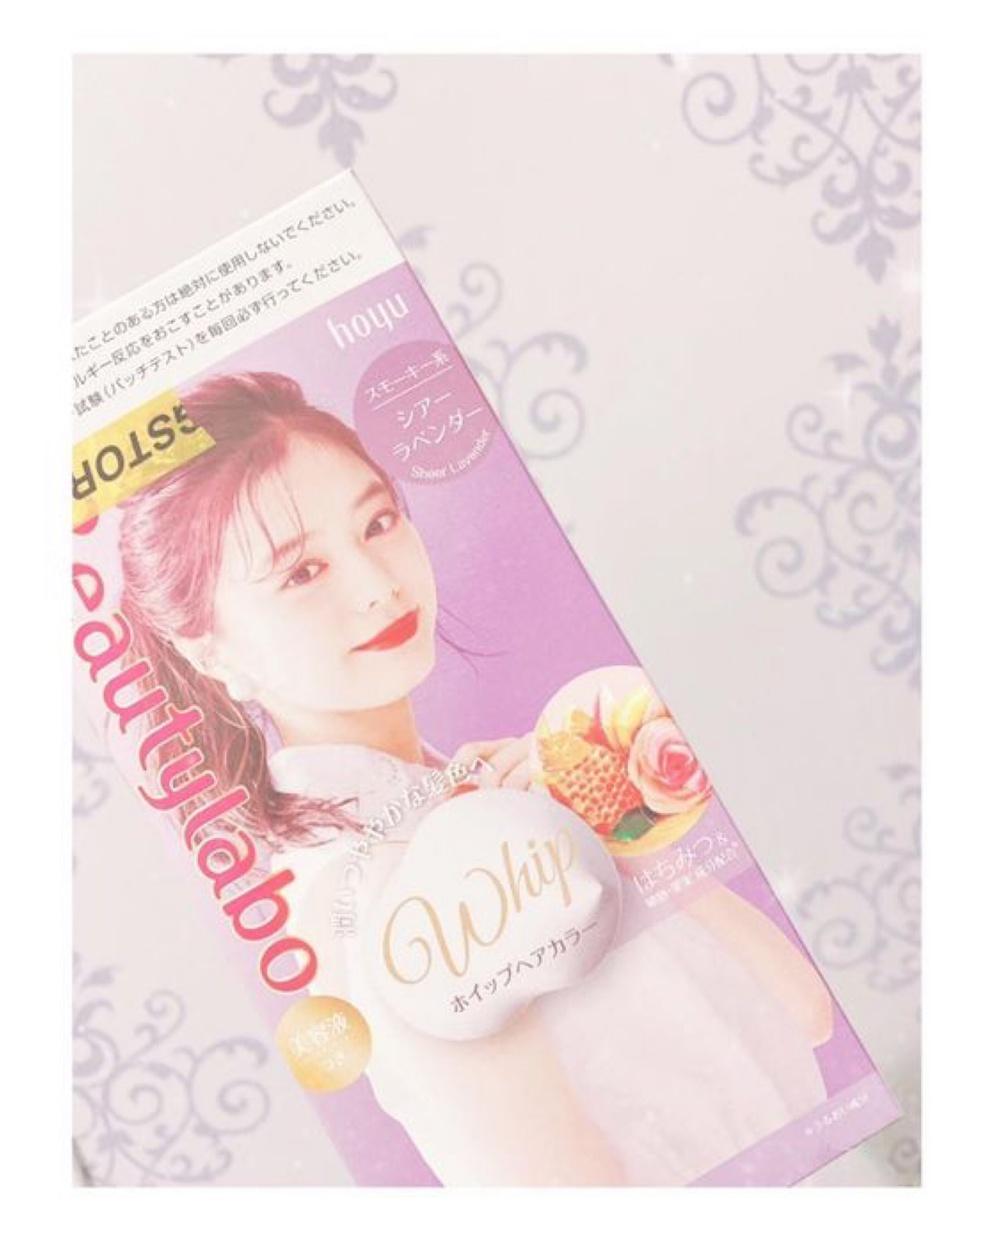 Beautylabo(ビューティラボ) ホイップヘアカラーを使ったりぃ♡さんのクチコミ画像1